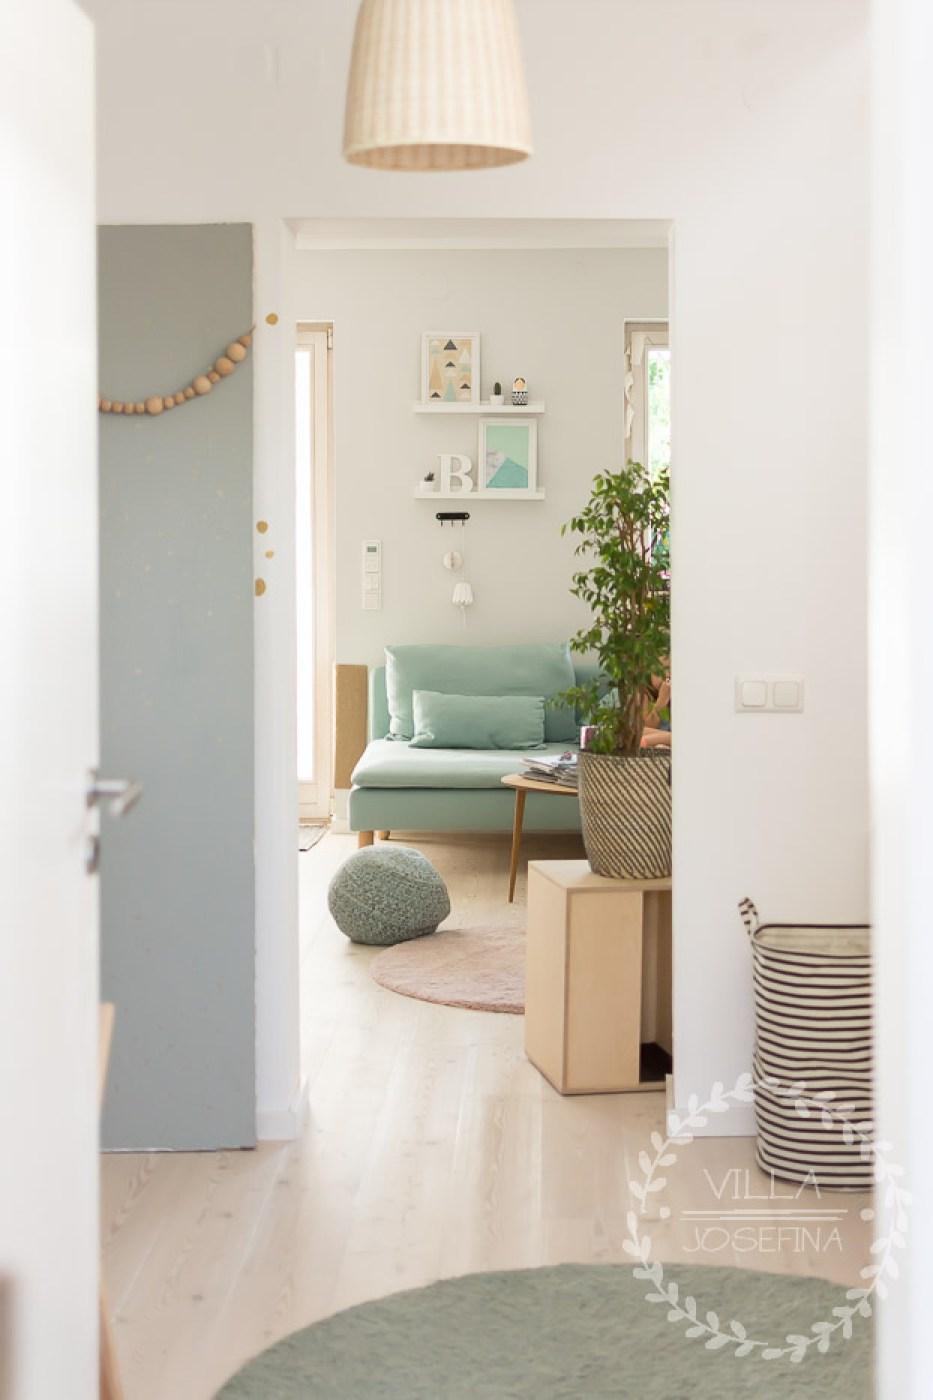 Umbau Reihenhaus Teil II - Wohnzimmer Update | Villa Josefina